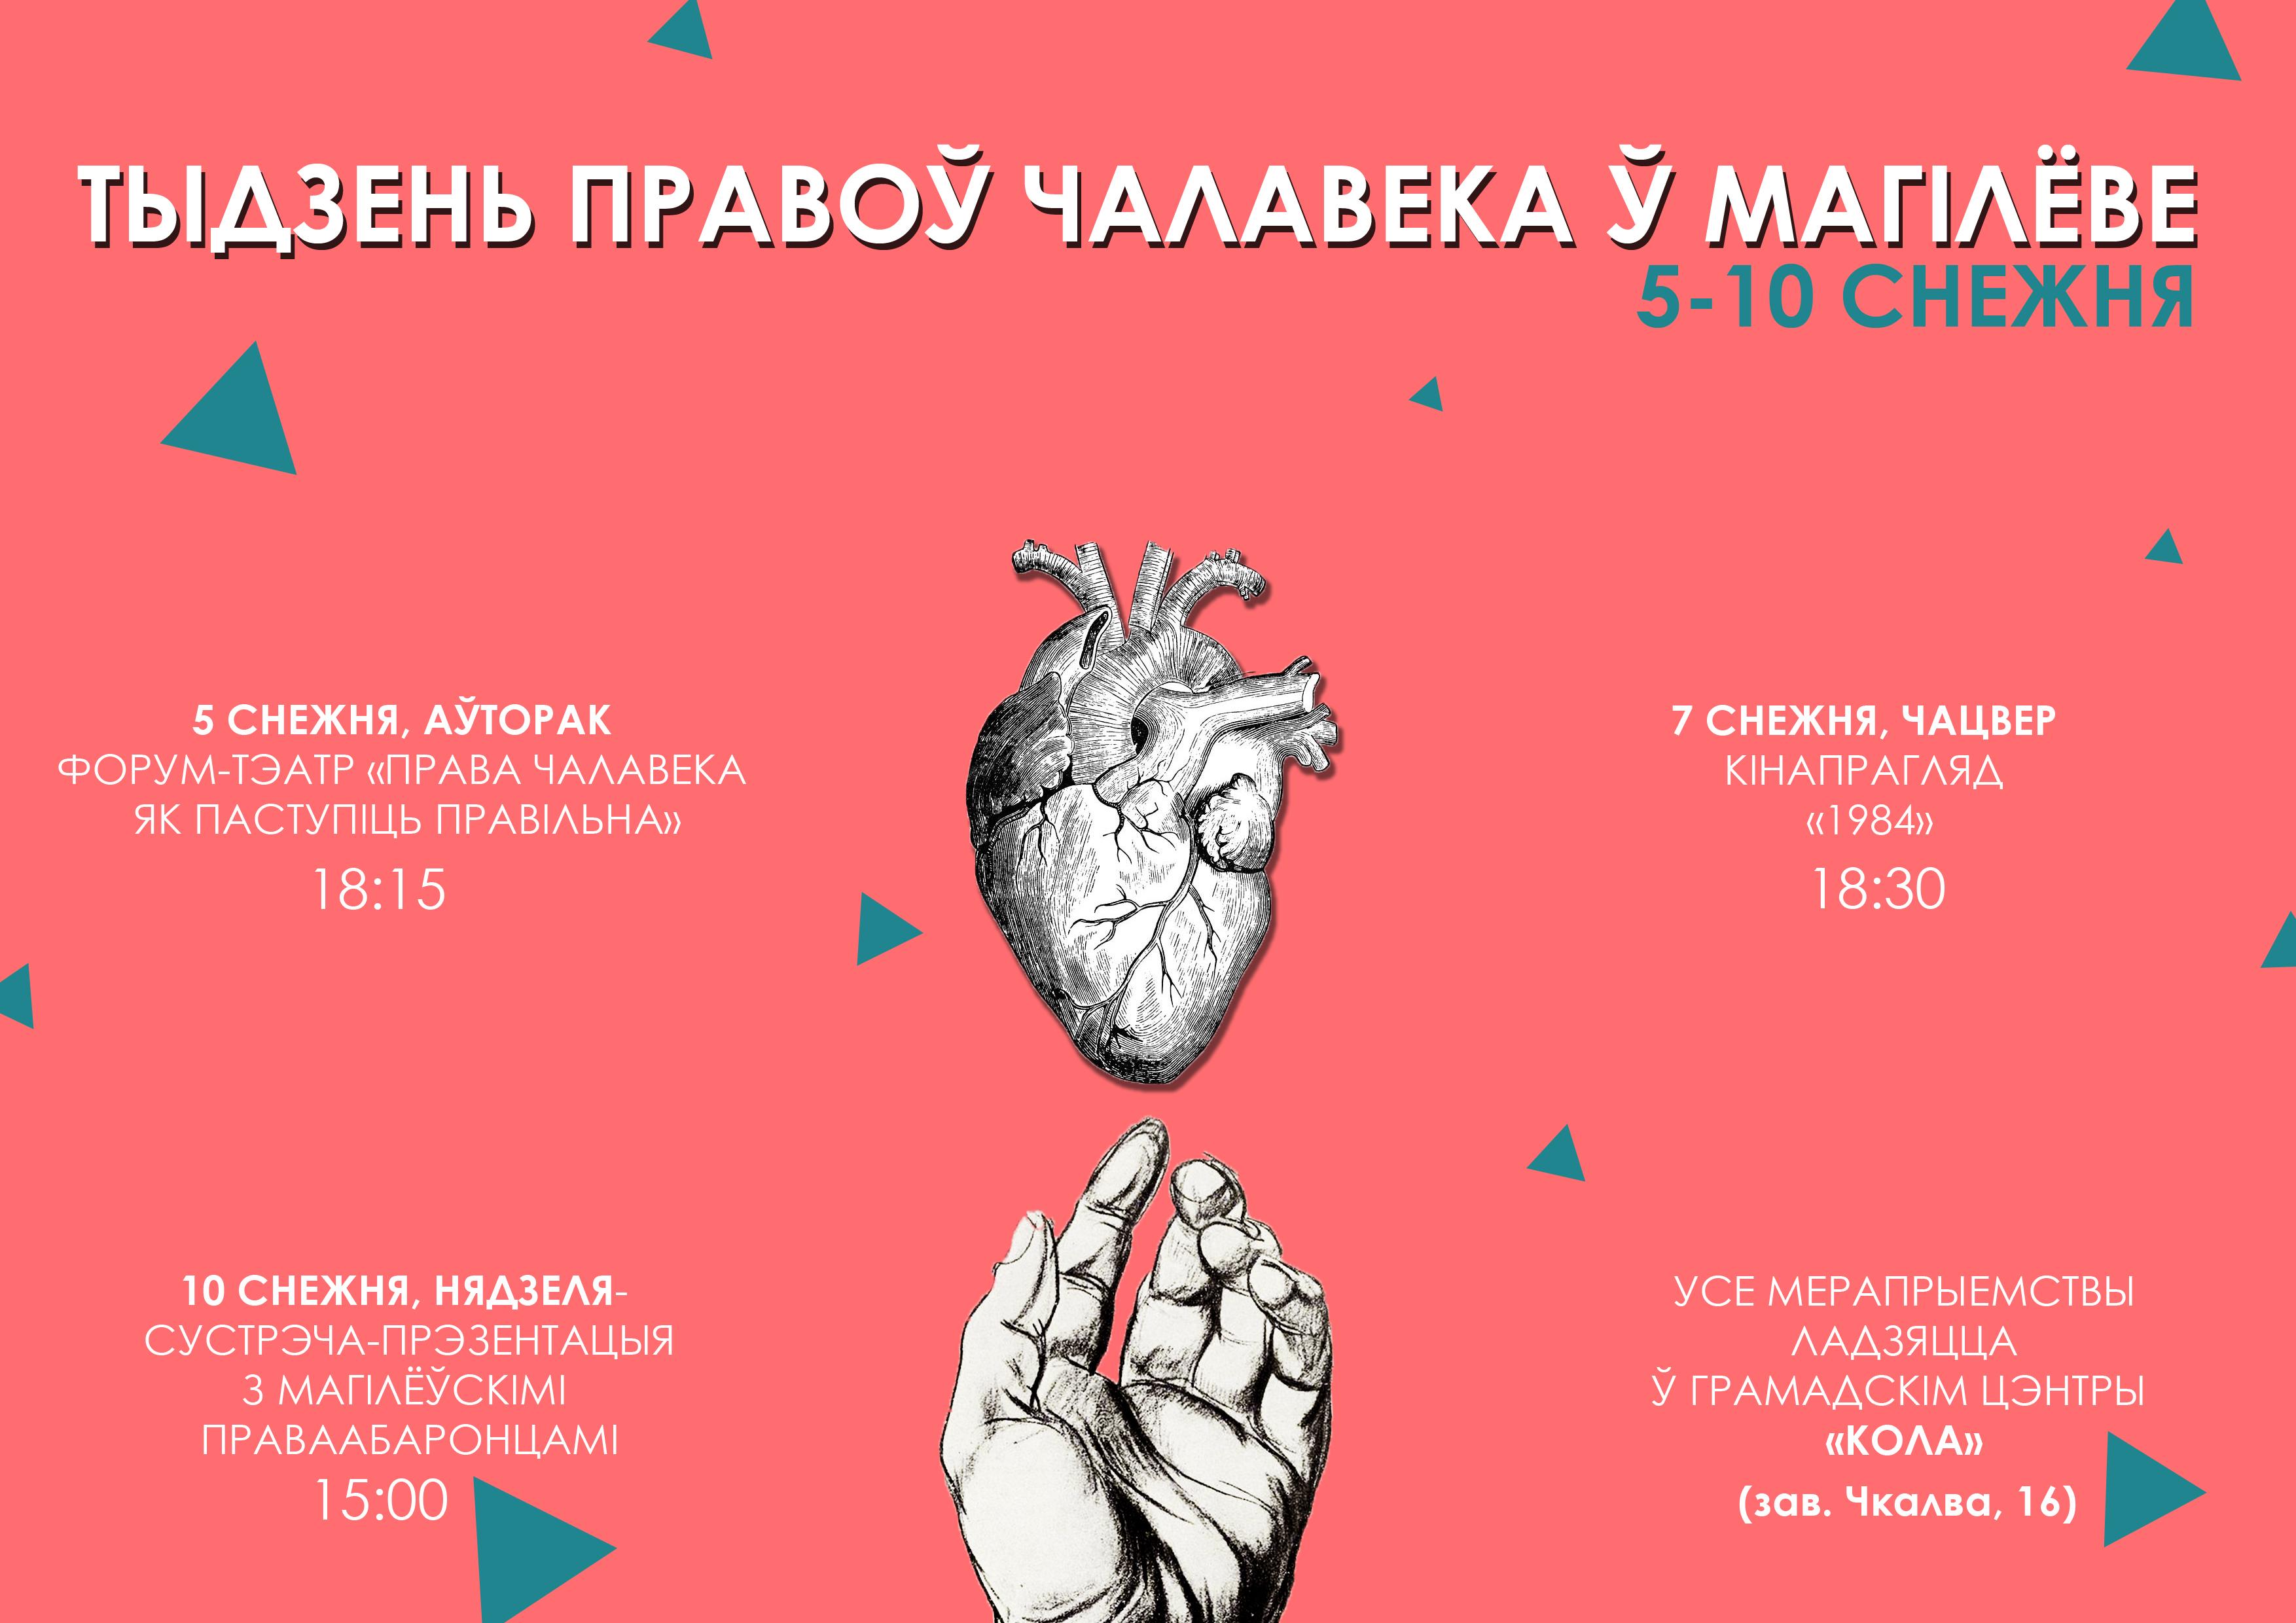 Приглашаем на Неделю прав человека в Могилеве!